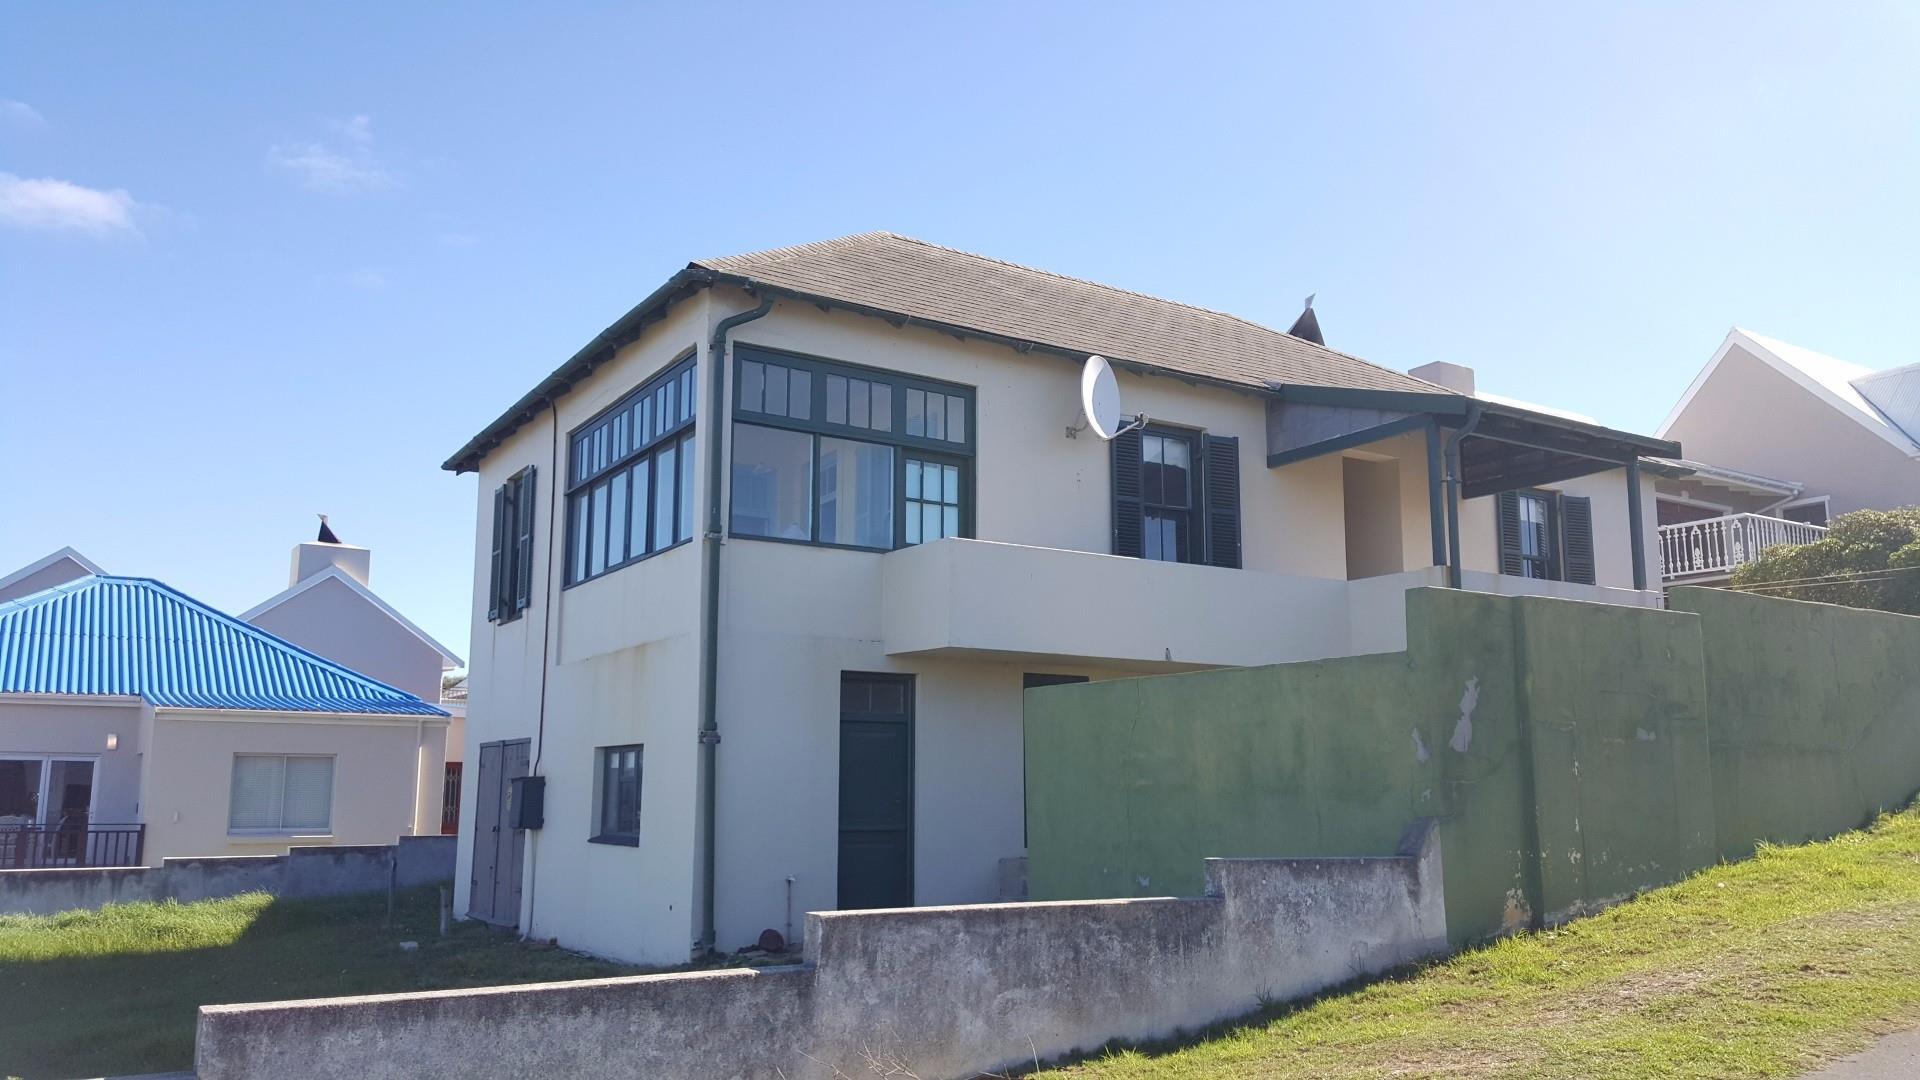 Kleinmond, Kleinmond Property  | Houses For Sale Kleinmond, Kleinmond, House 3 bedrooms property for sale Price:3,400,000